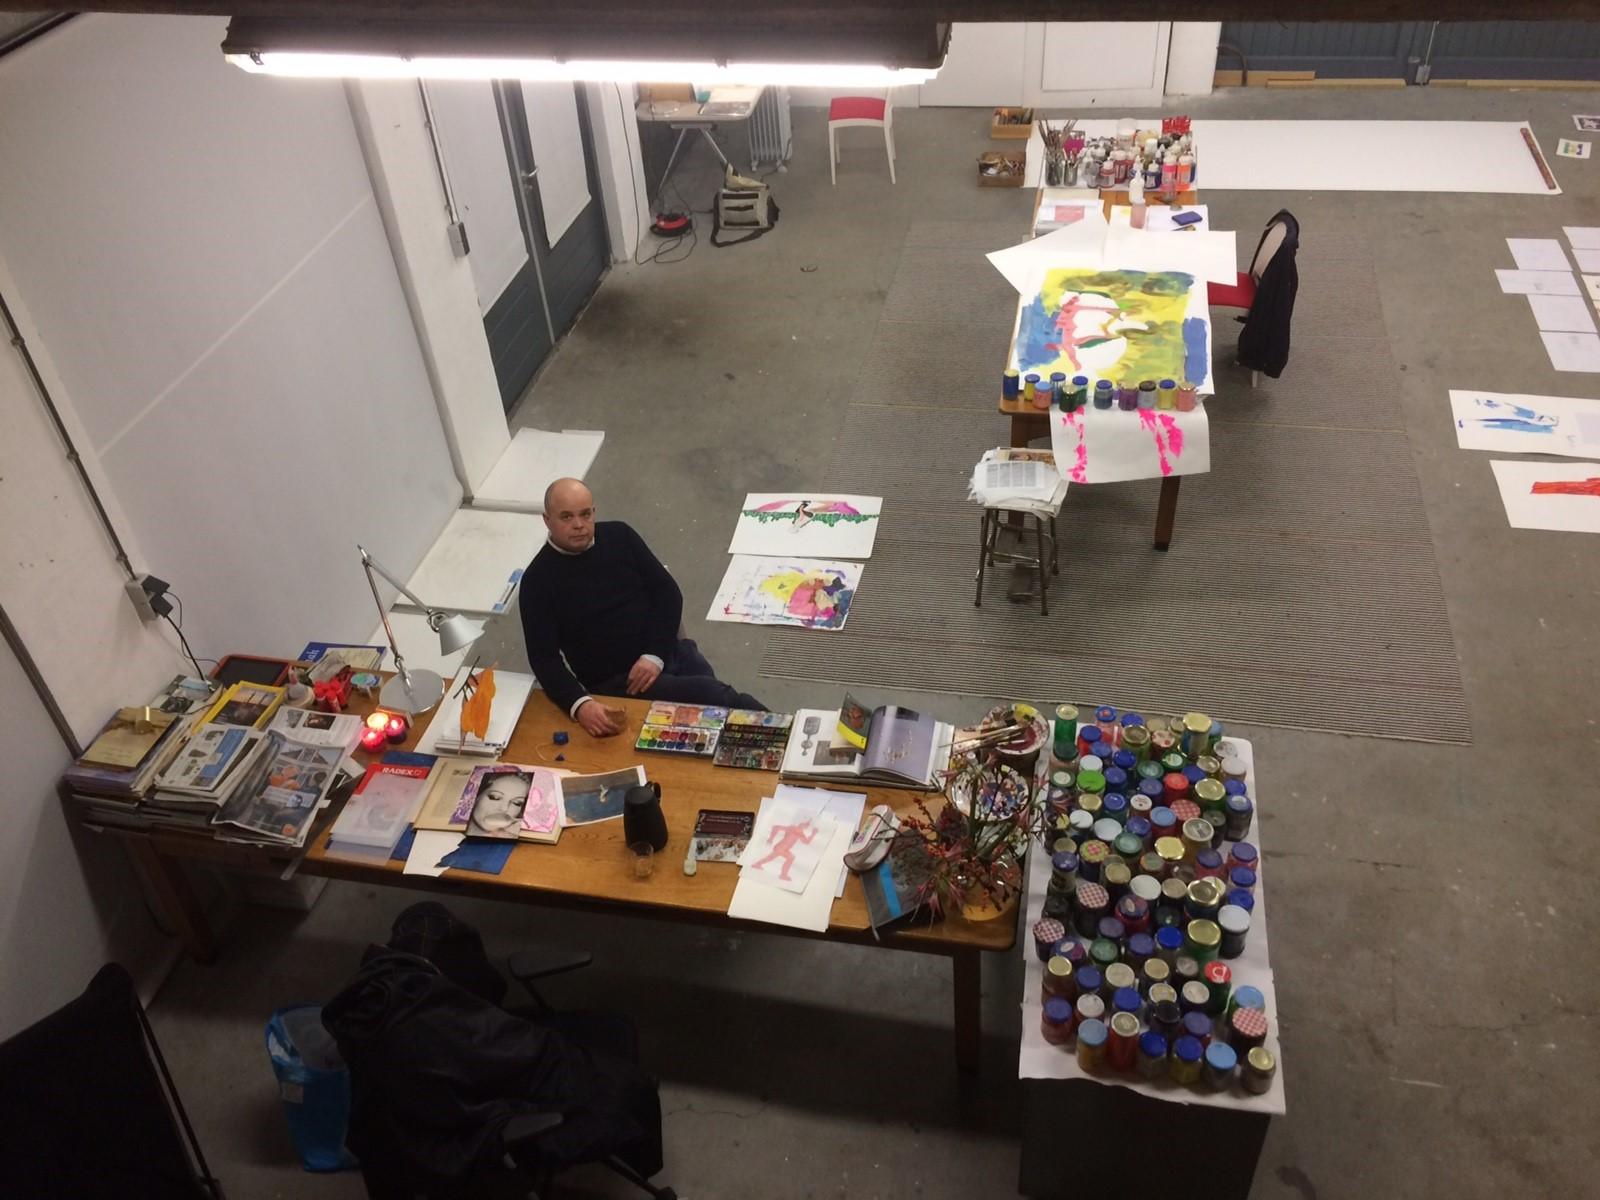 Gijs Assman kunstenaar Atelier artist in residence kunstenaar